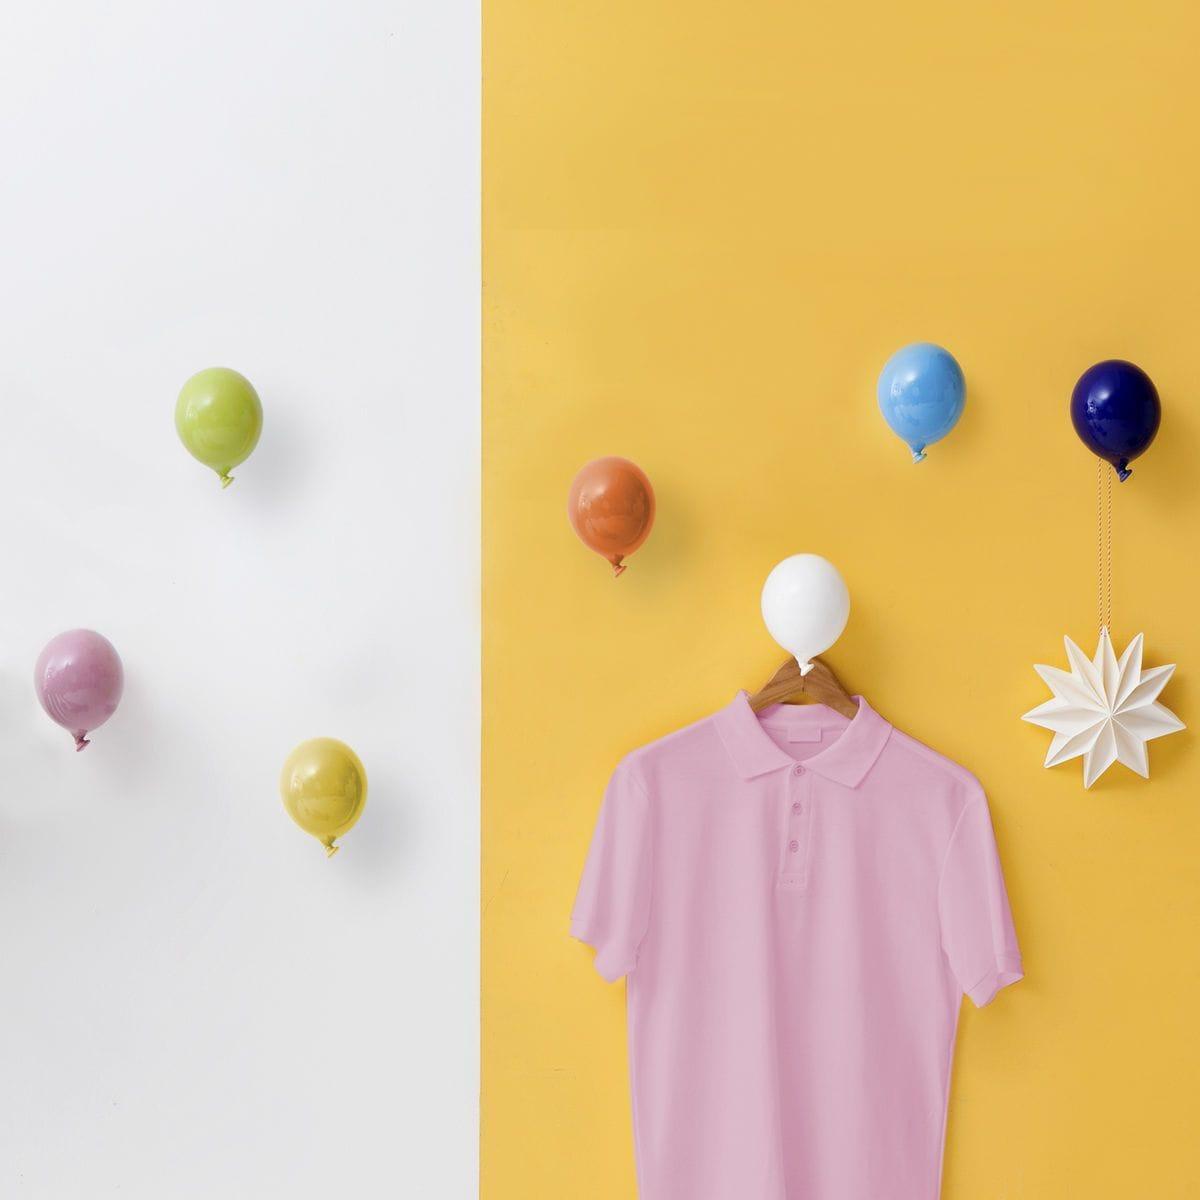 Palloncino in ceramica appendiabiti decorativo miniBalloon arancione, azzurro, bianco, giallo, nero, rosa e verde su parete